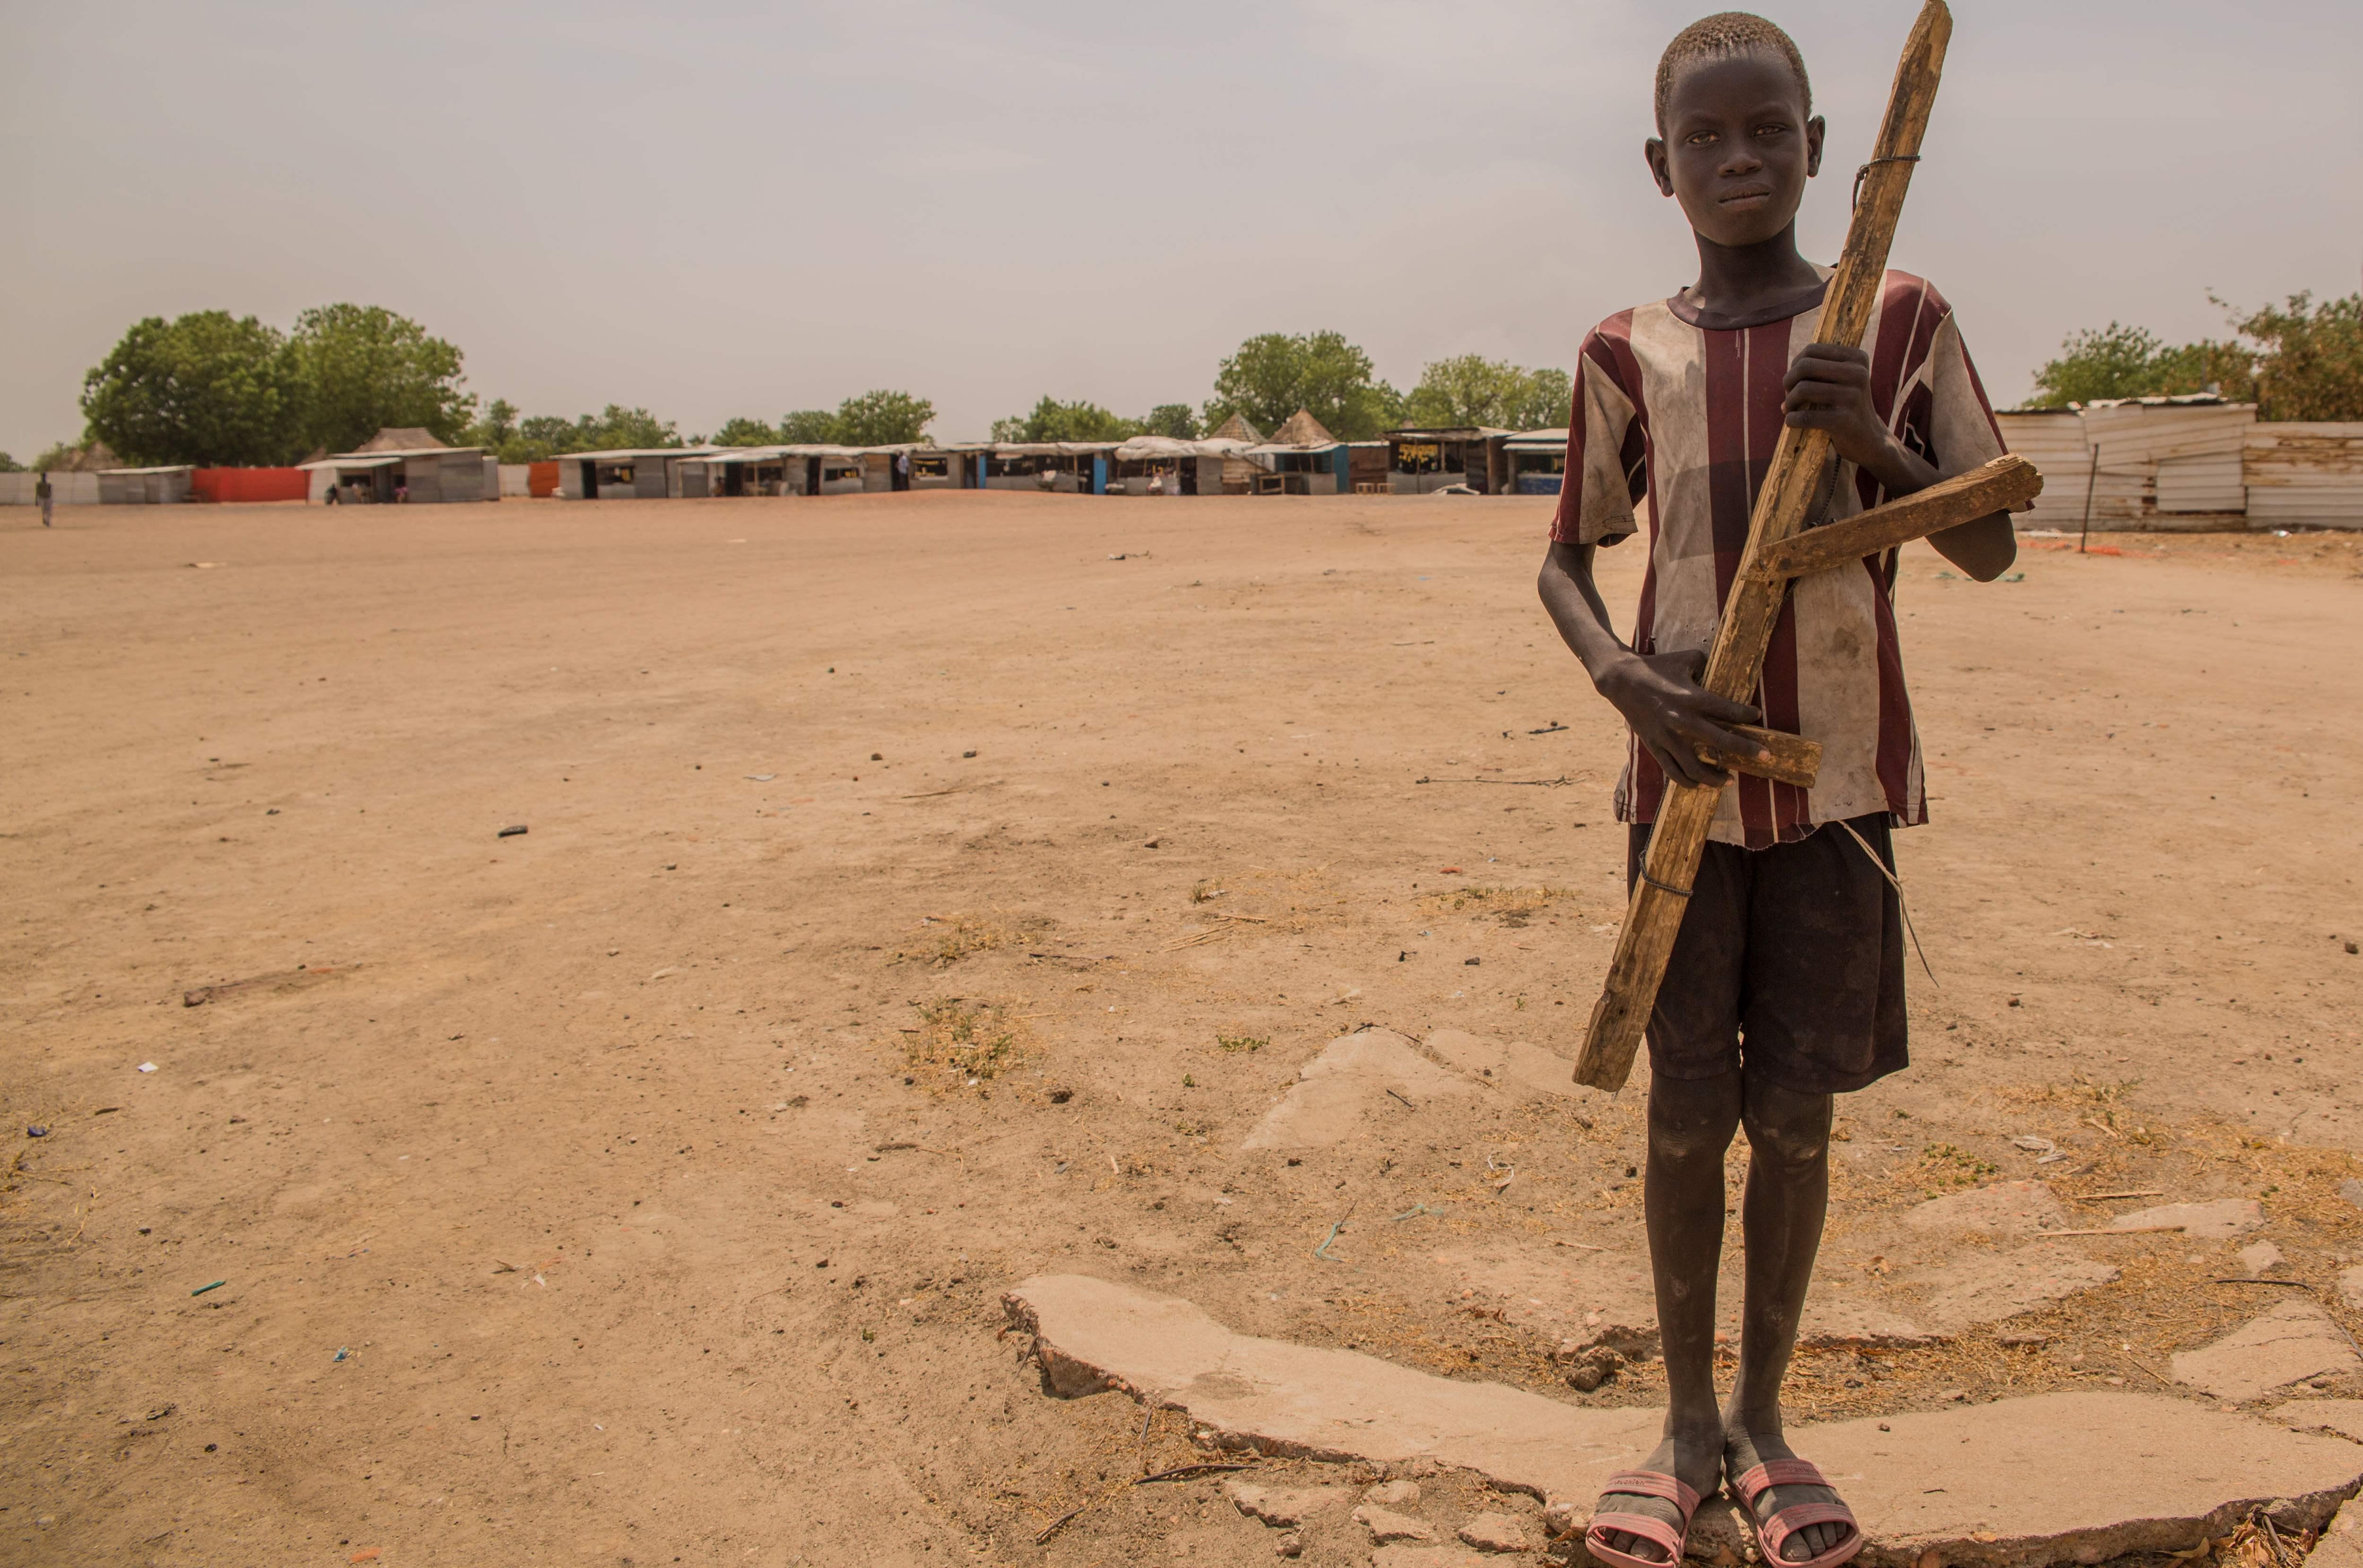 بلدة لير بجنوب السودان تتحول إلى مدينة أشباح بسبب المجاعة